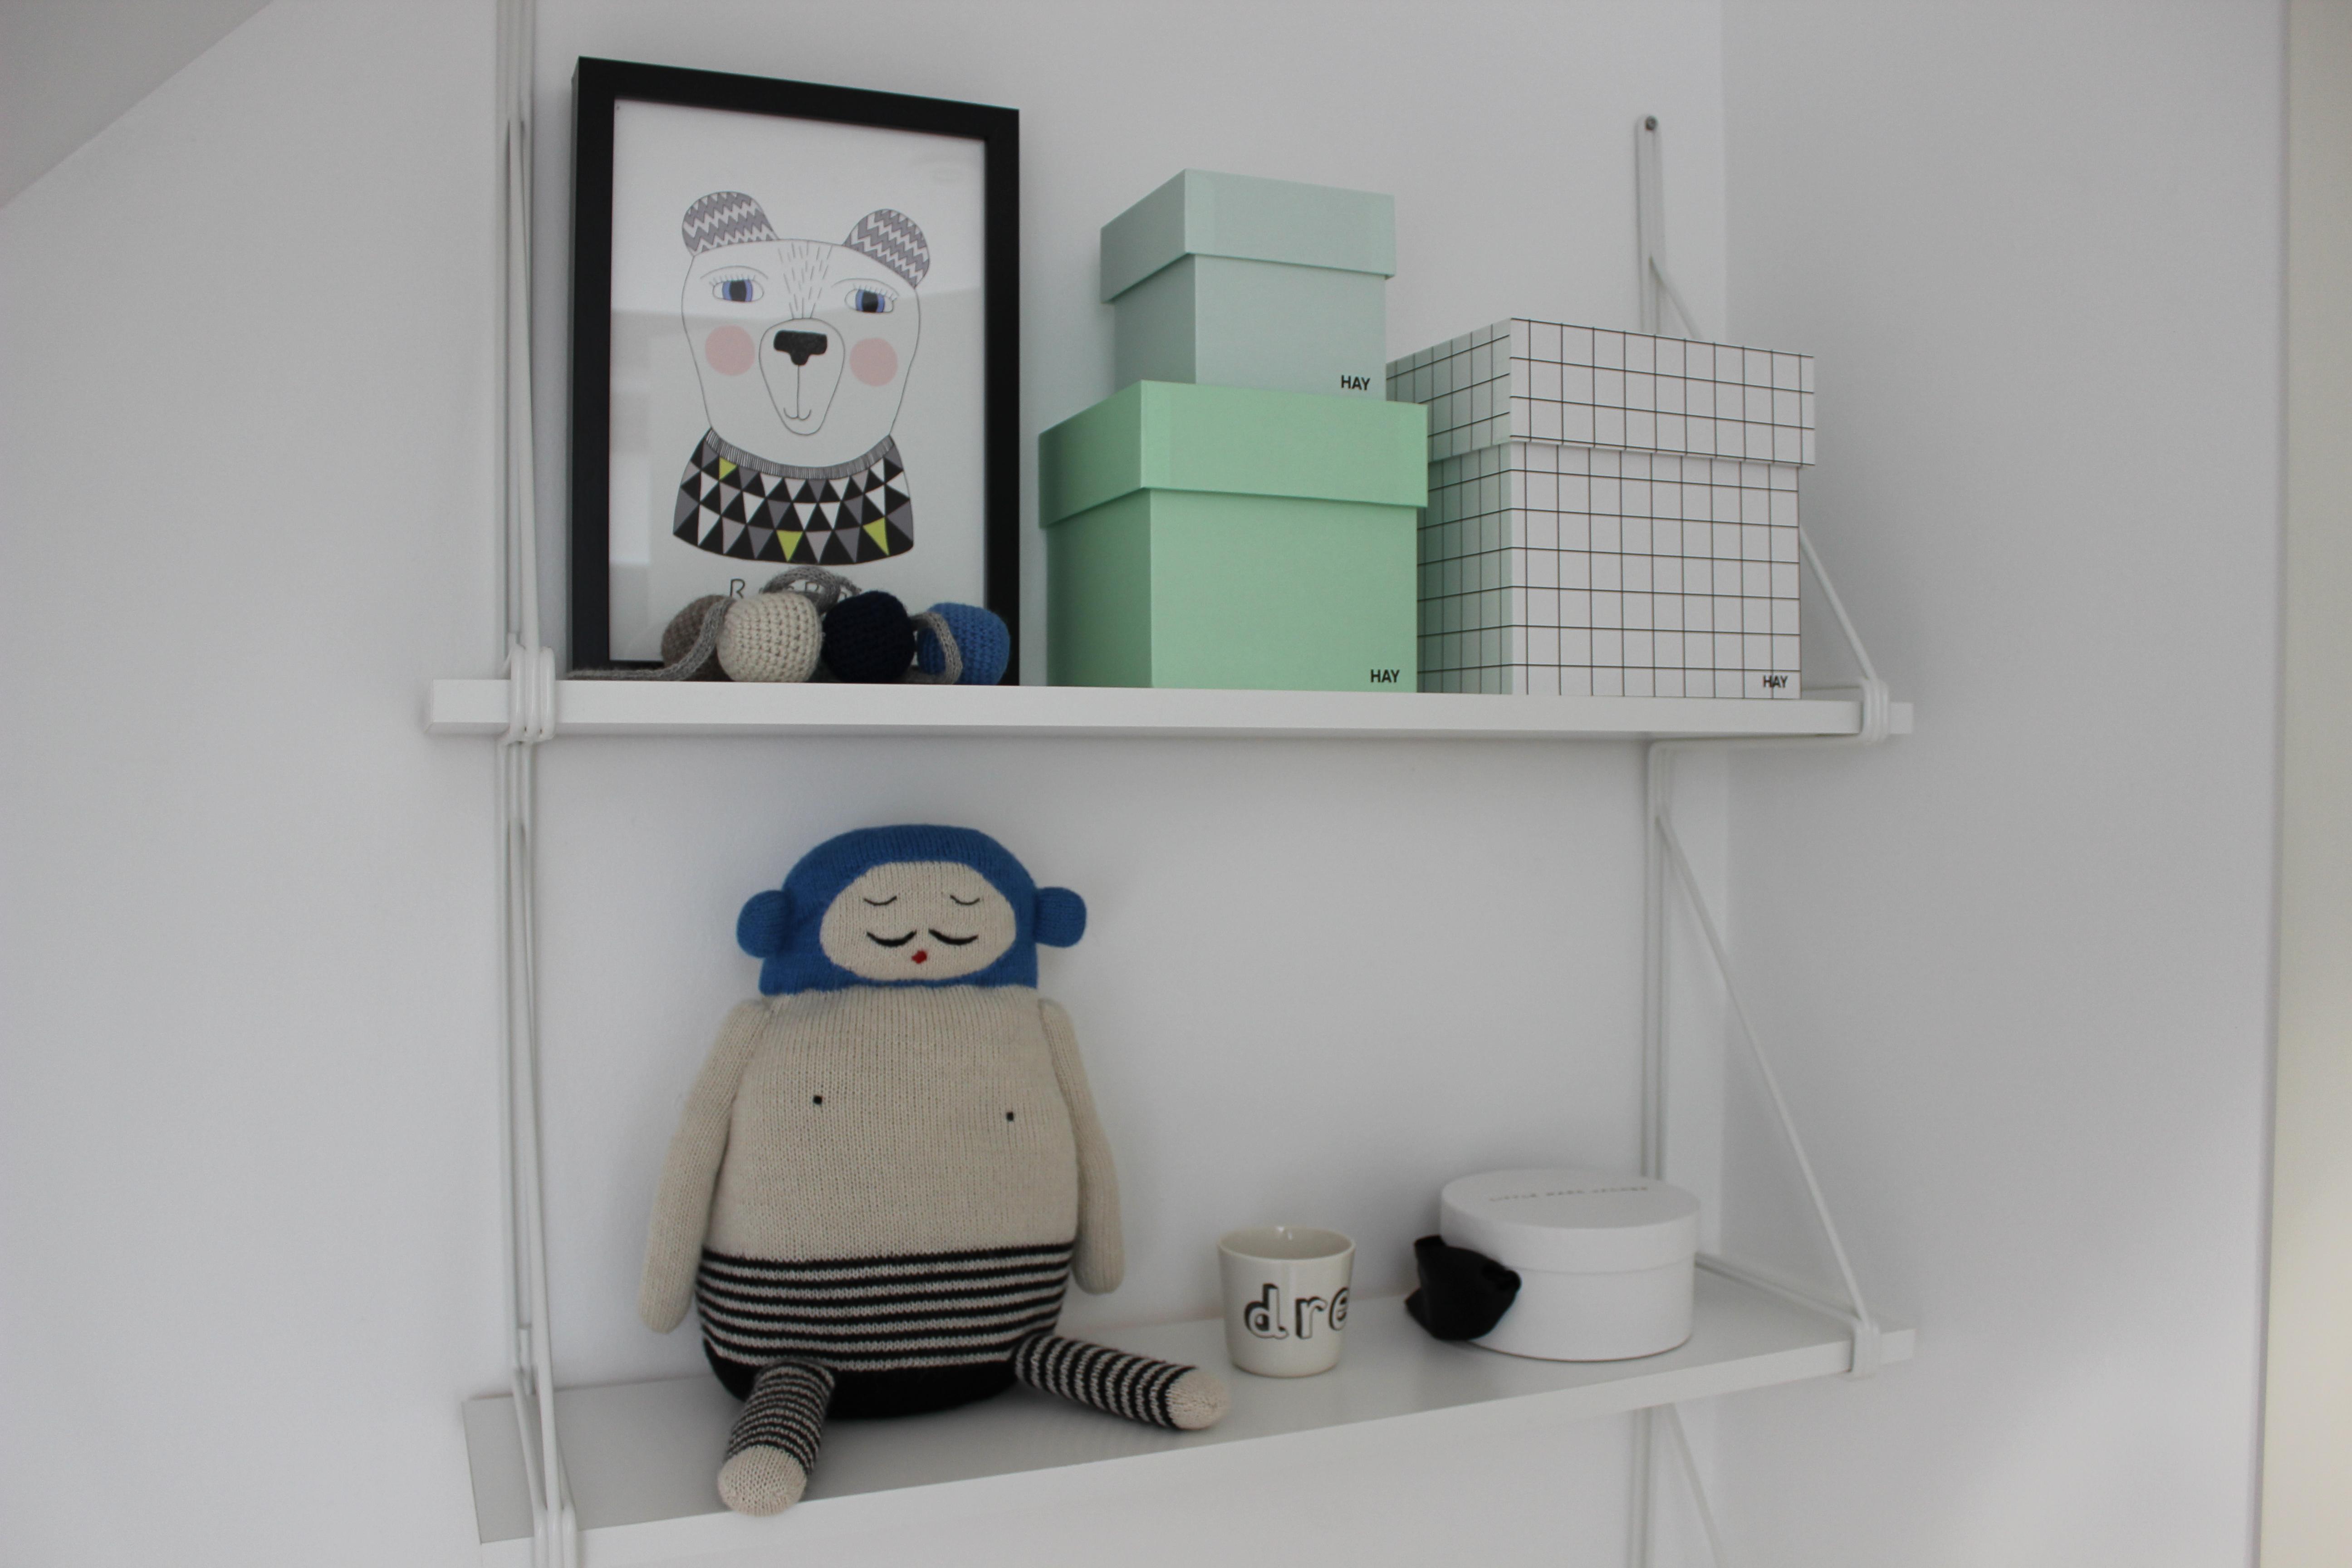 babyværelse indretning indretning af babyværelse #3 | CAMILLASFASHIONLAB.COM babyværelse indretning